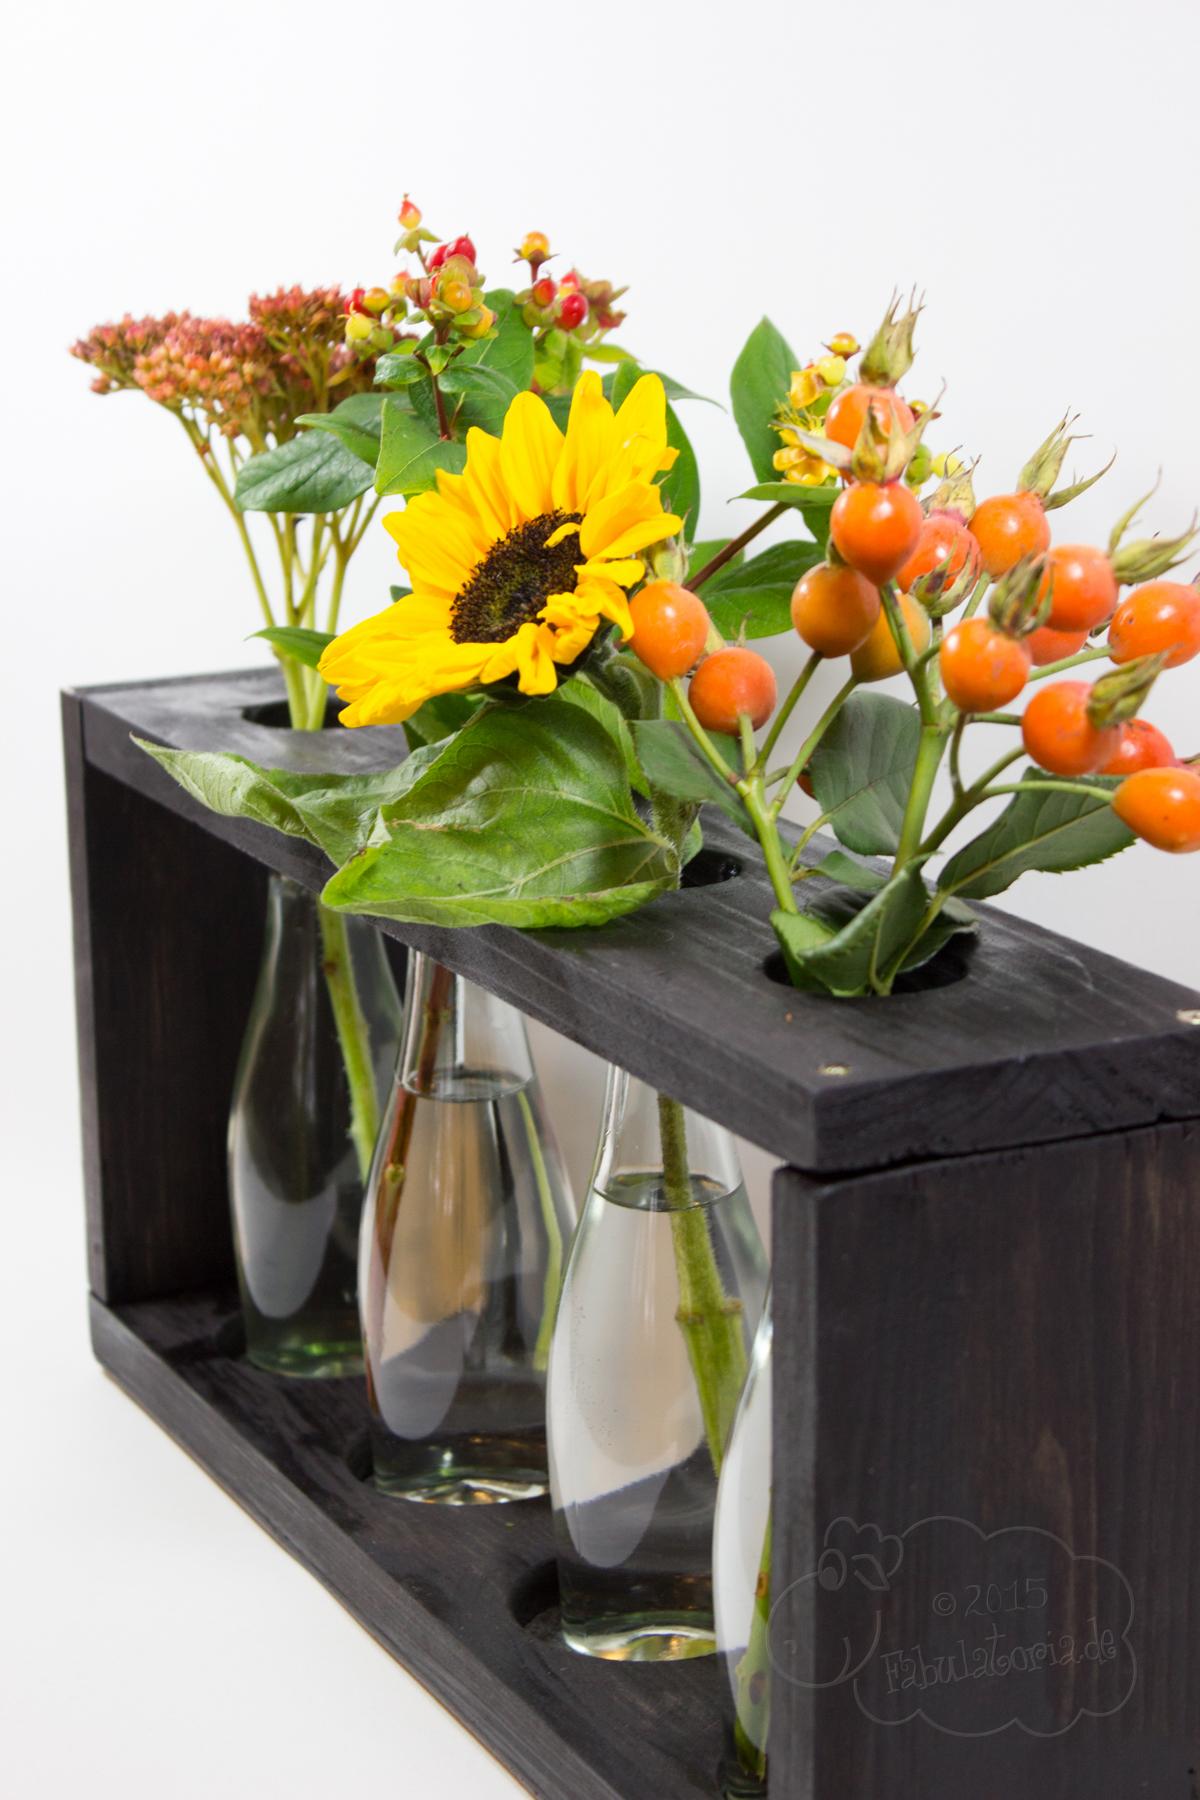 Mit Rotkäppchen Fruchtsecco eine herbstliche Vase gestalten